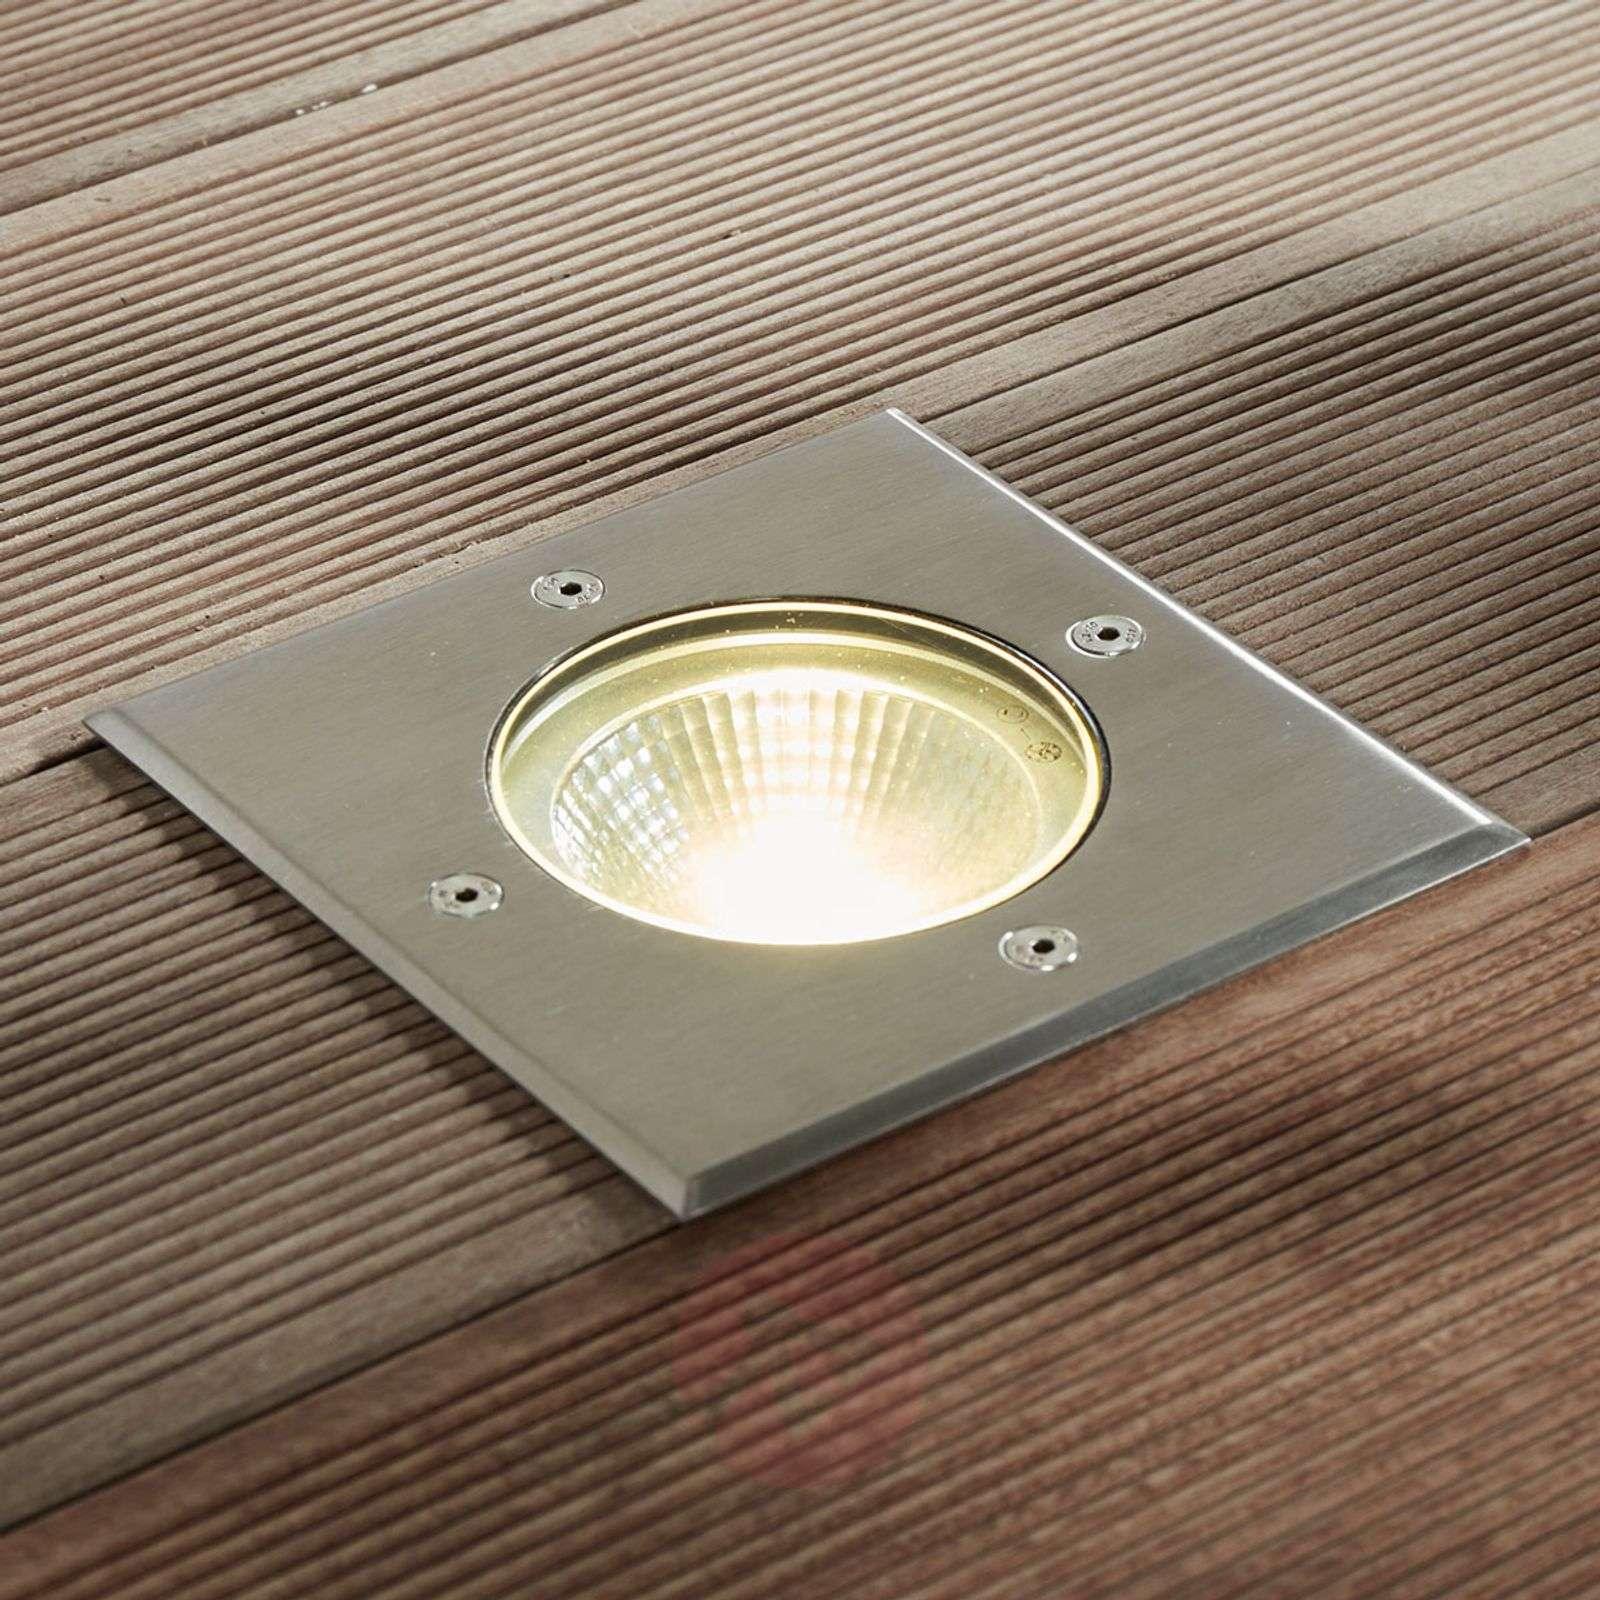 LED-lattiauppovalaisin Sanna, IP67, kulmikas-9969100-02